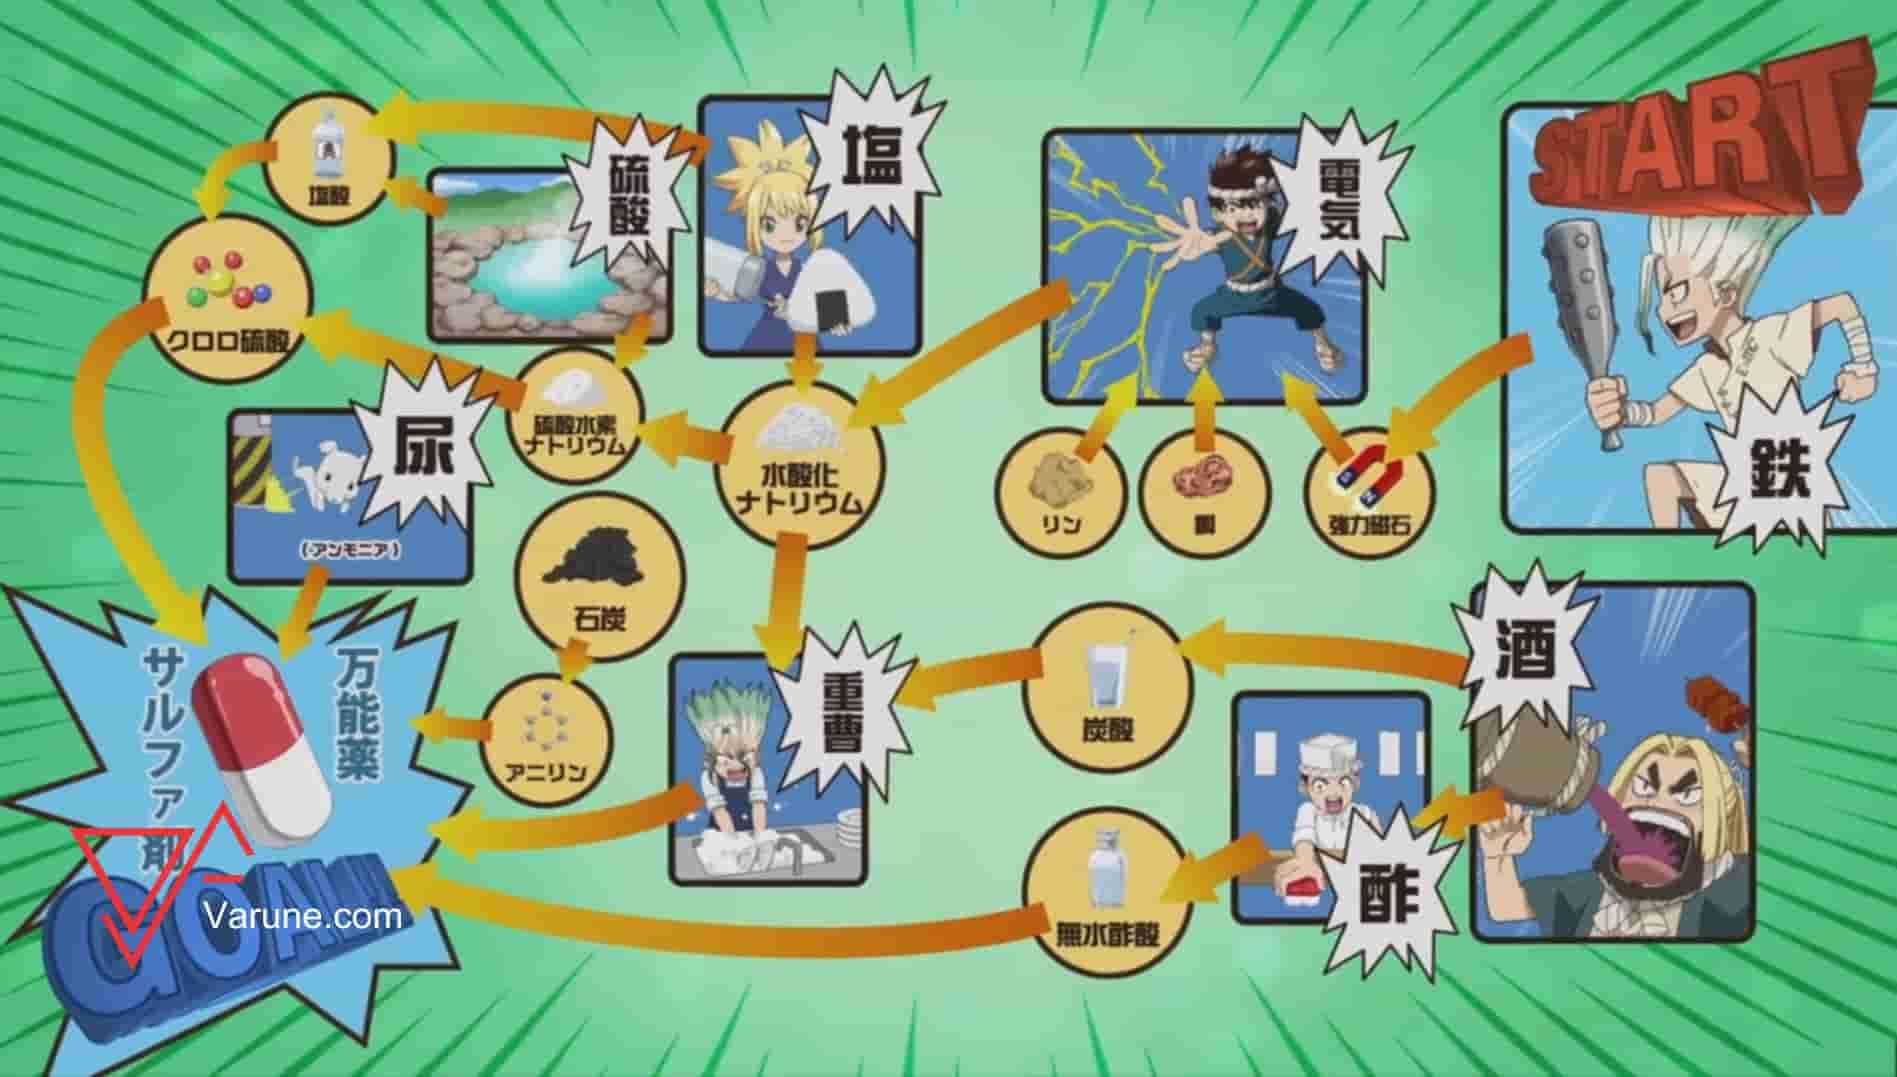 بررسی قسمت هشتم انیمه Dr. Stone ؛ علم ابزاری برای فریب !